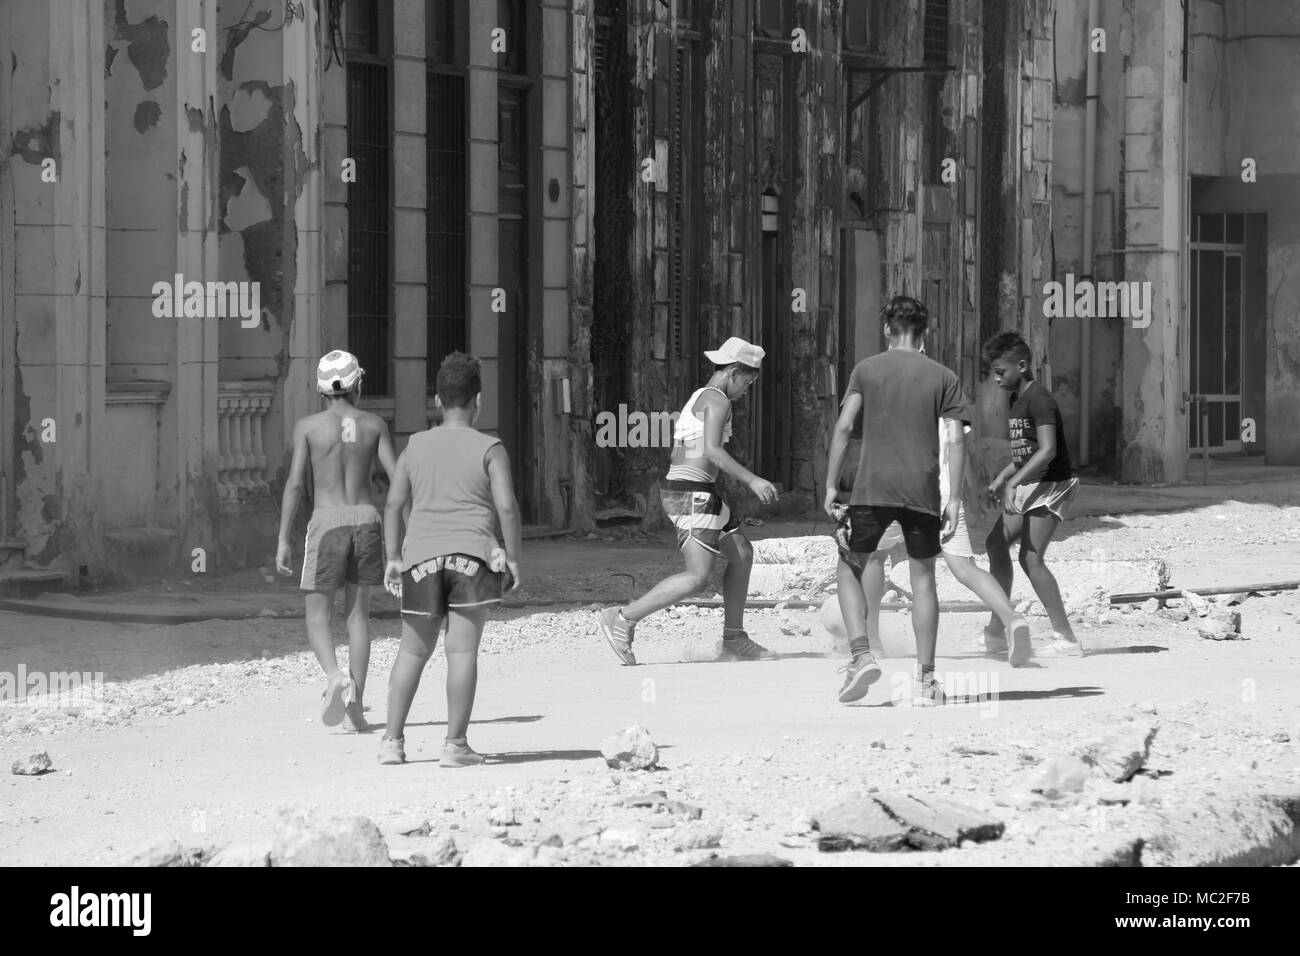 Fotografia In Bianco E Nero Di Bambini Cubani Che Giocano A Calcio